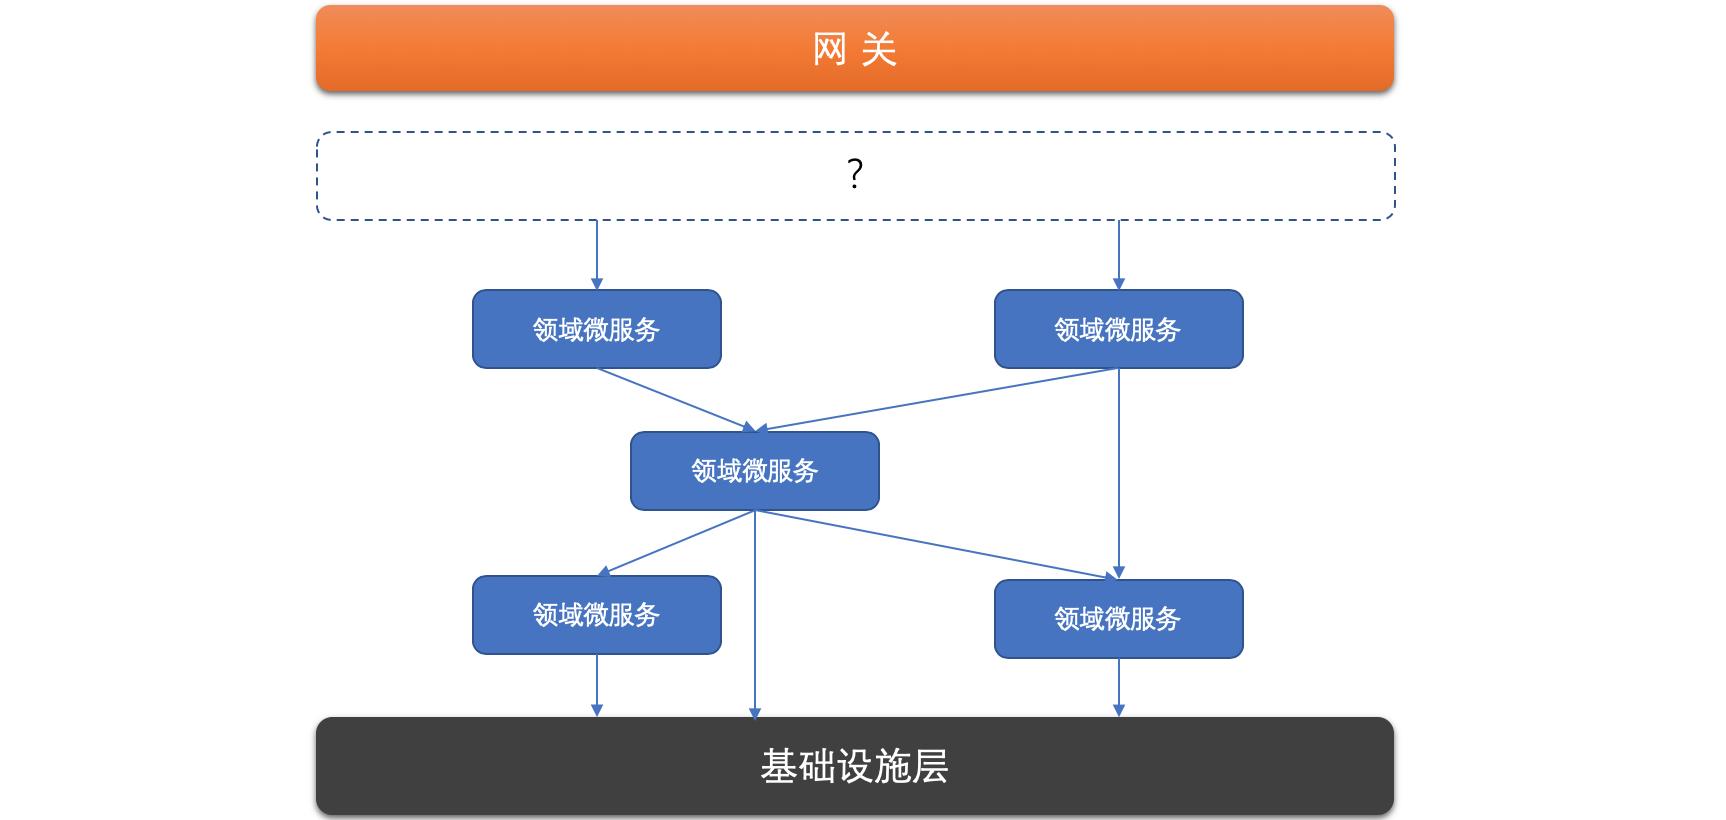 浅谈微服务体系中的分层设计和领域划分5